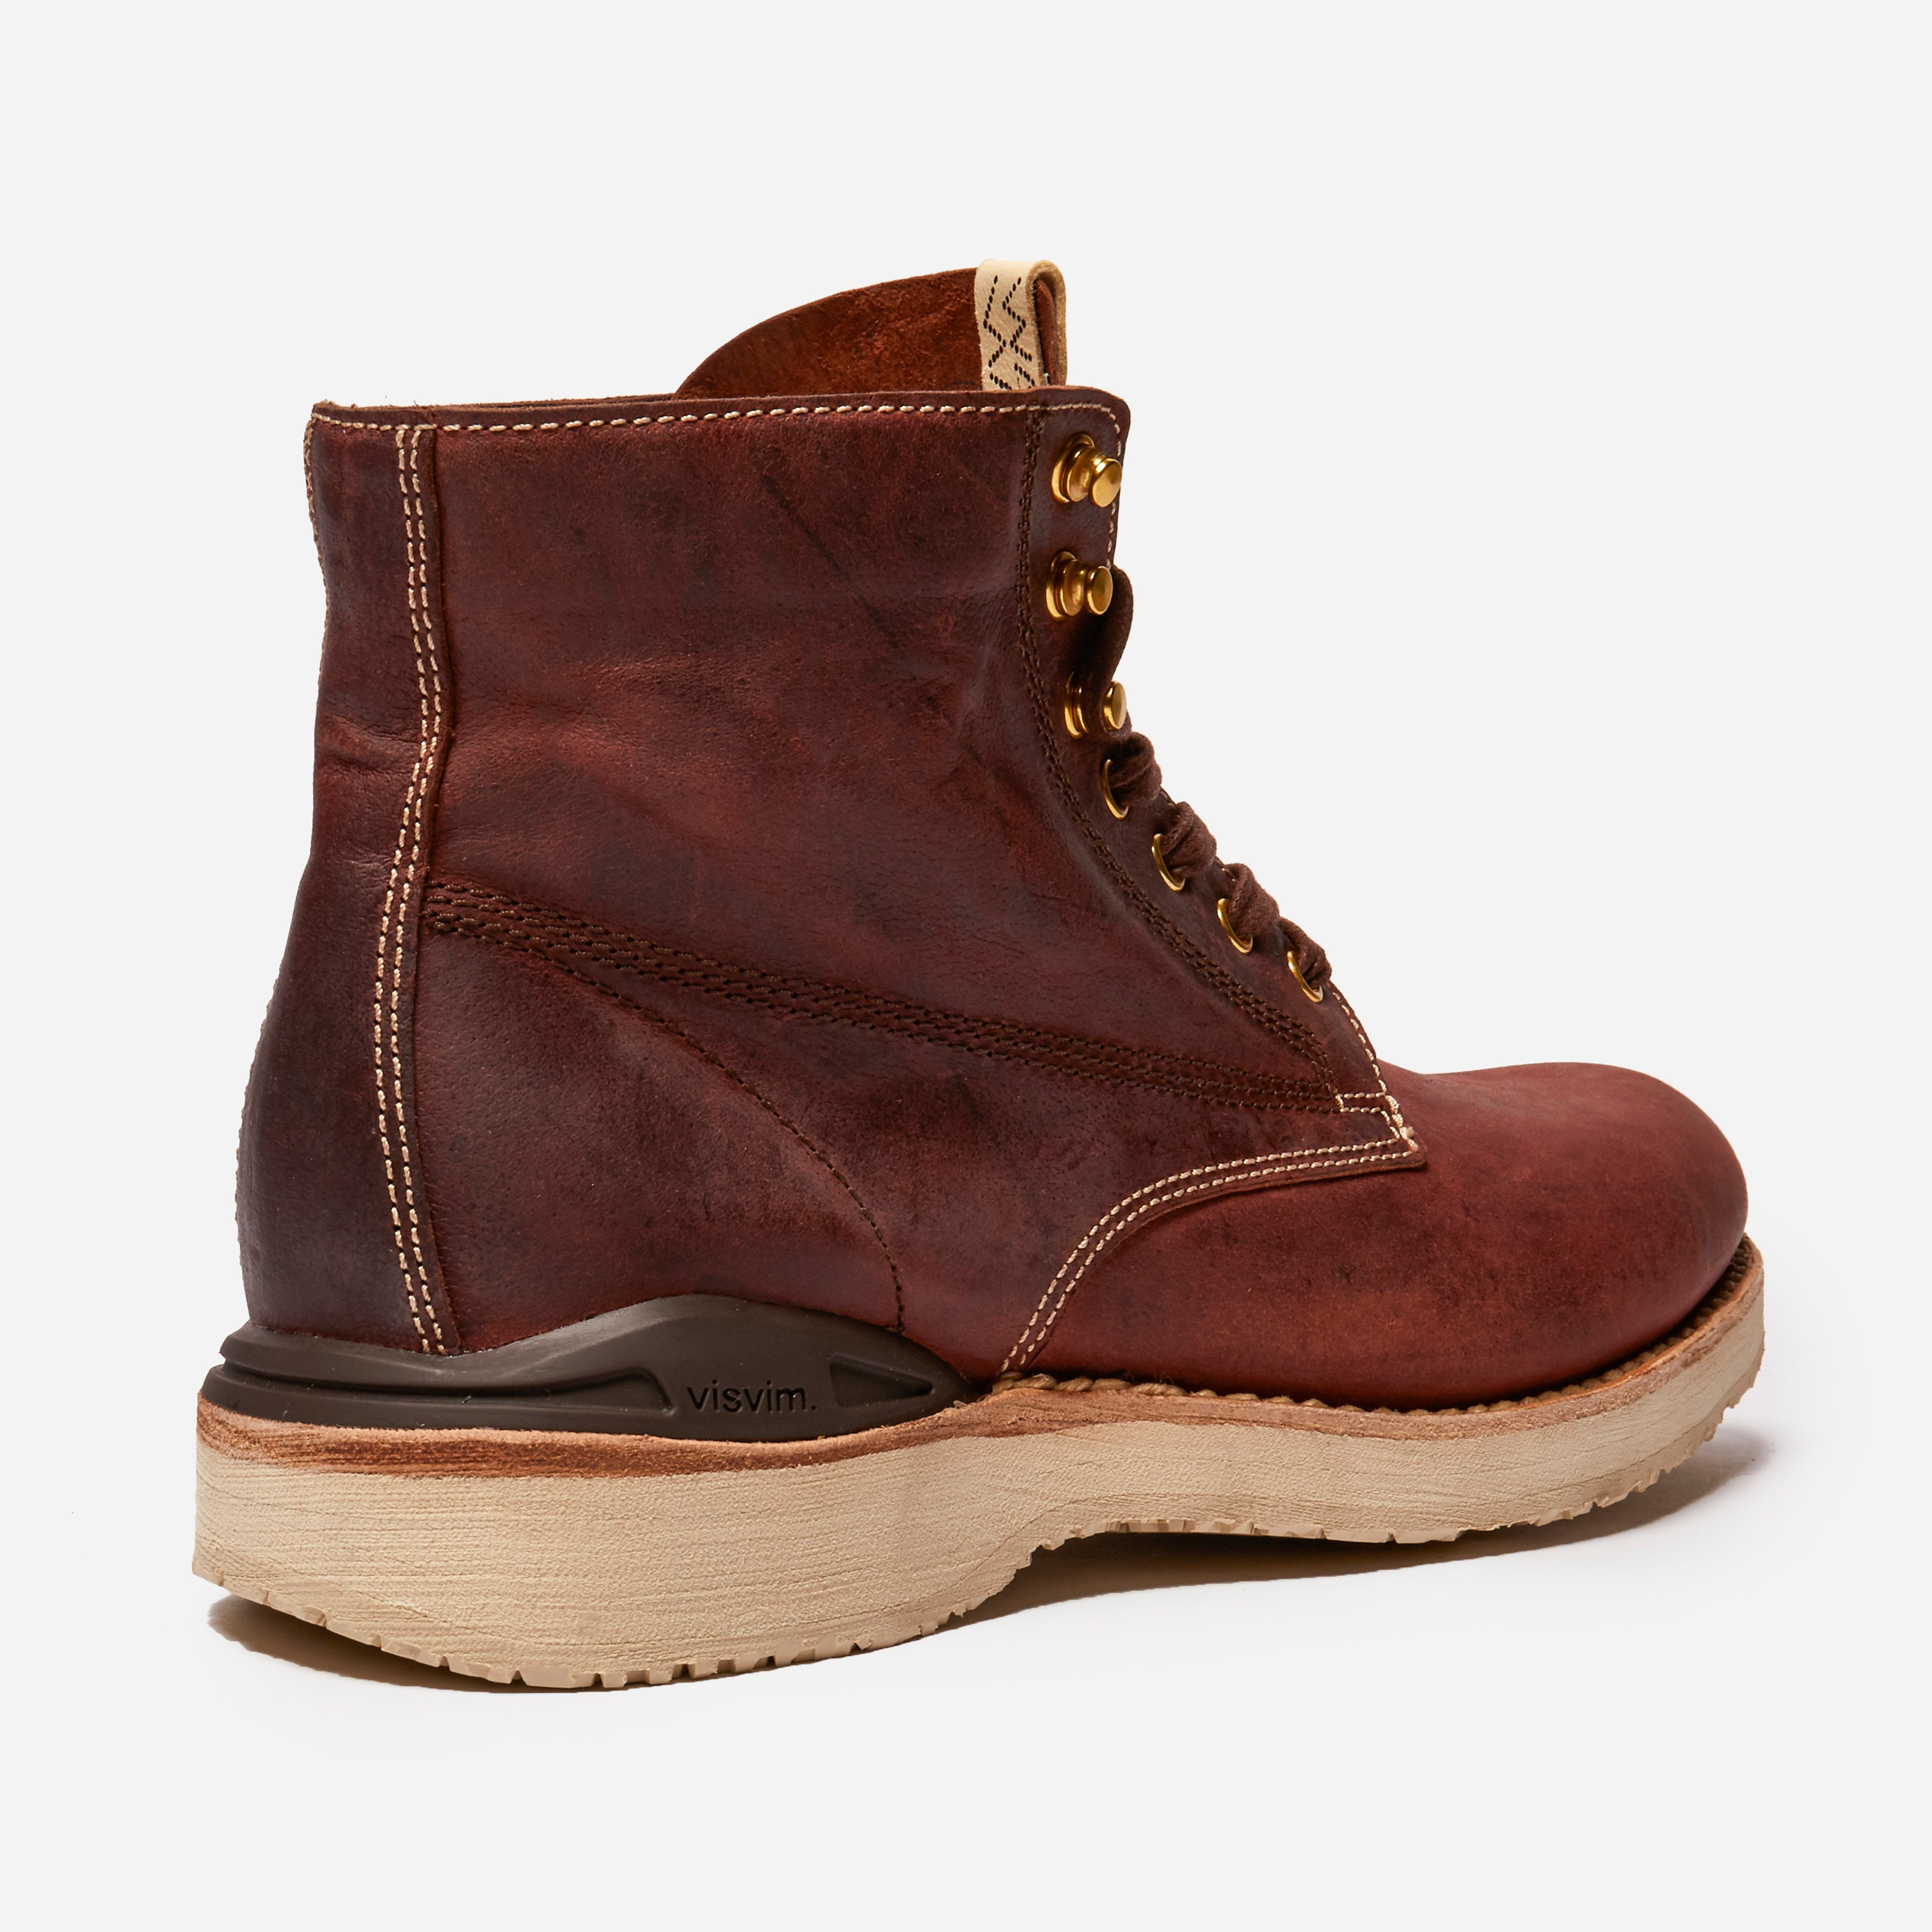 Visvim Virgil Boot - Folk